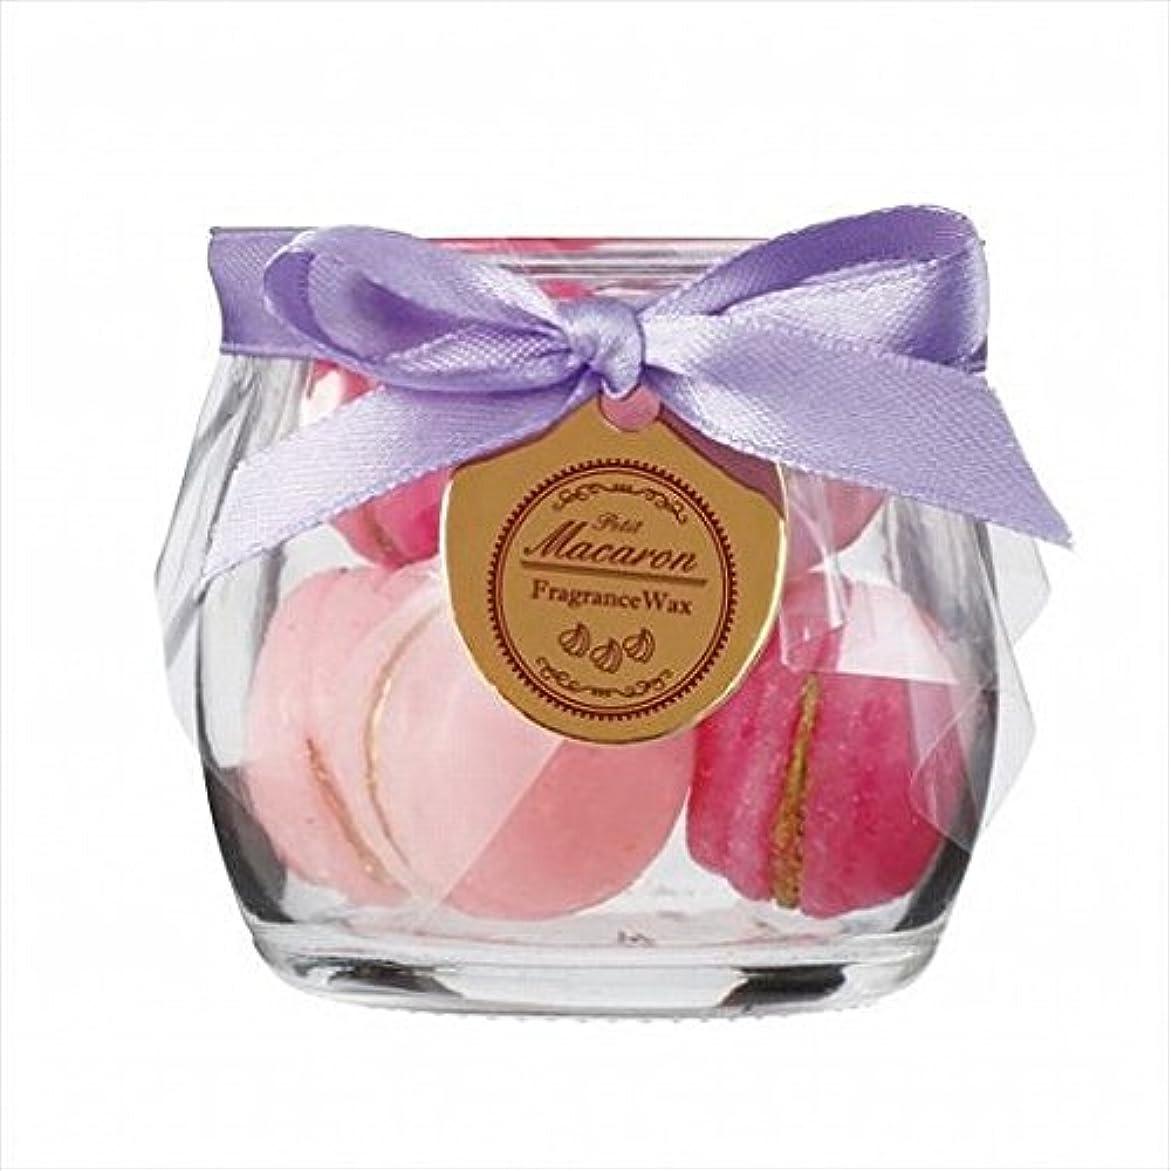 トランザクション誤解させるカップルsweets candle(スイーツキャンドル) プチマカロンフレグランス 「 バニラ 」 キャンドル 60x60x56mm (A3160550)